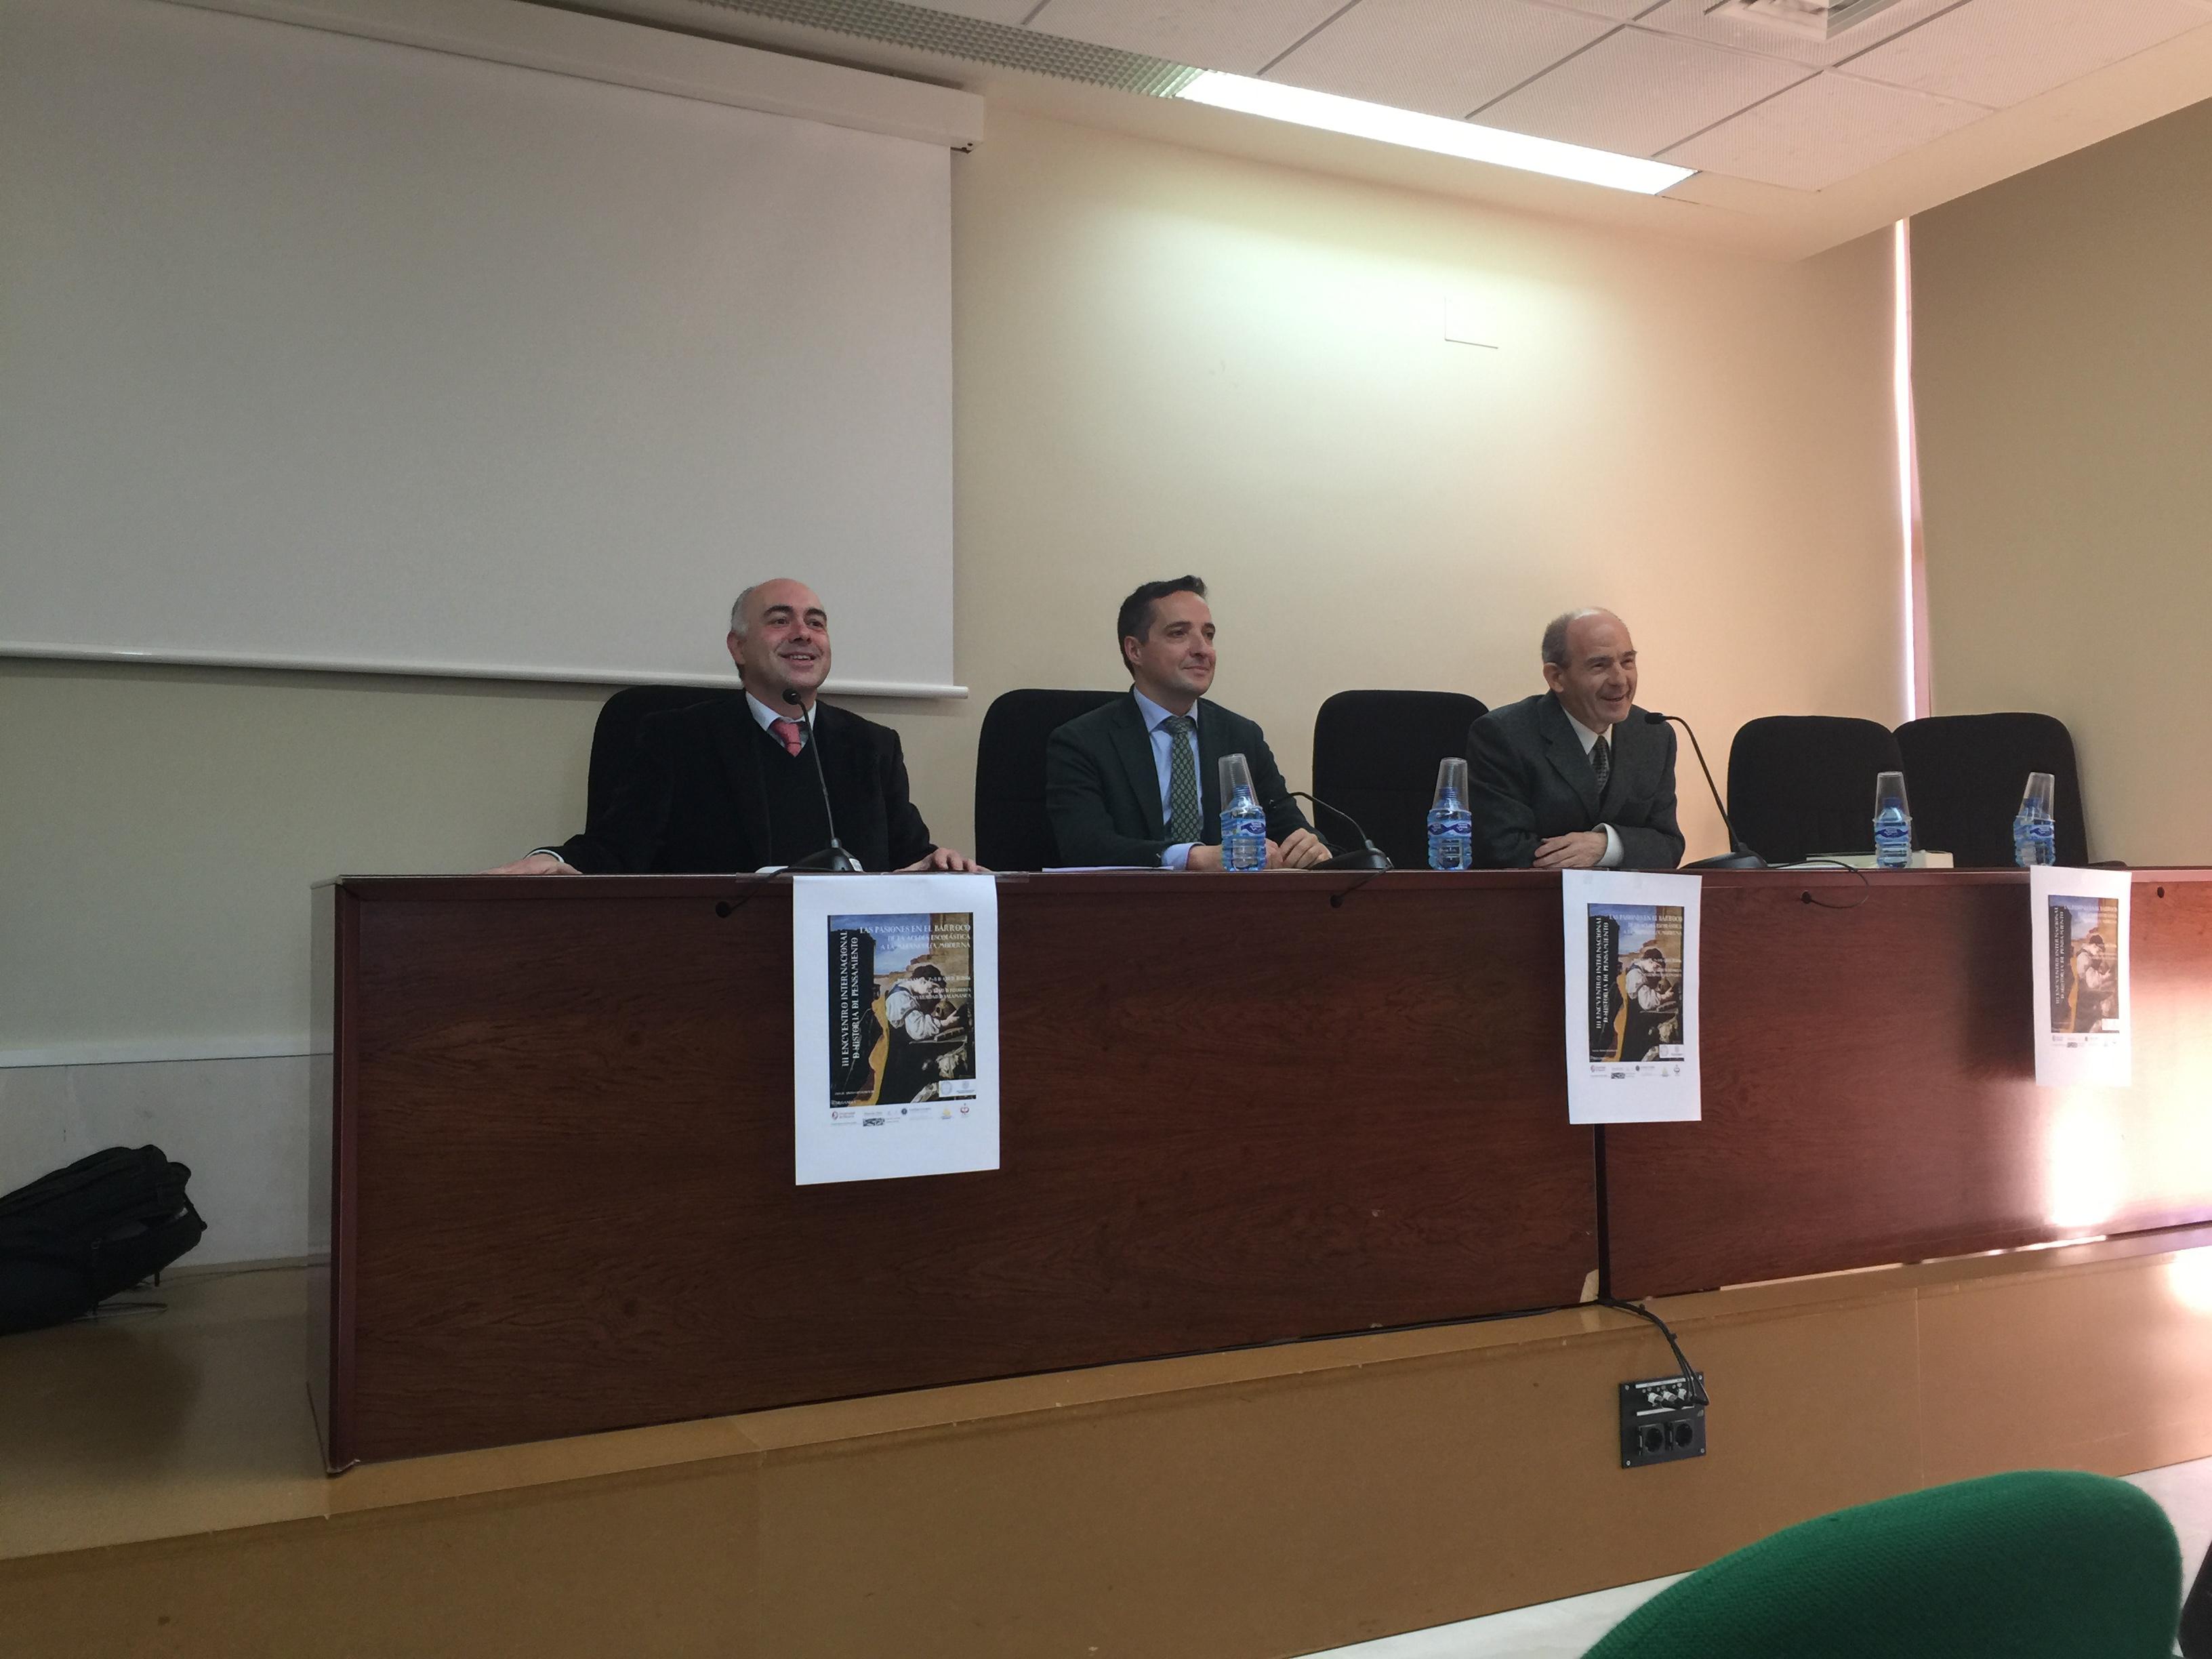 El vicerrector de Investigación y Transferencia asiste a la inauguración del III Encuentro Internacional de Historia del Pensamiento